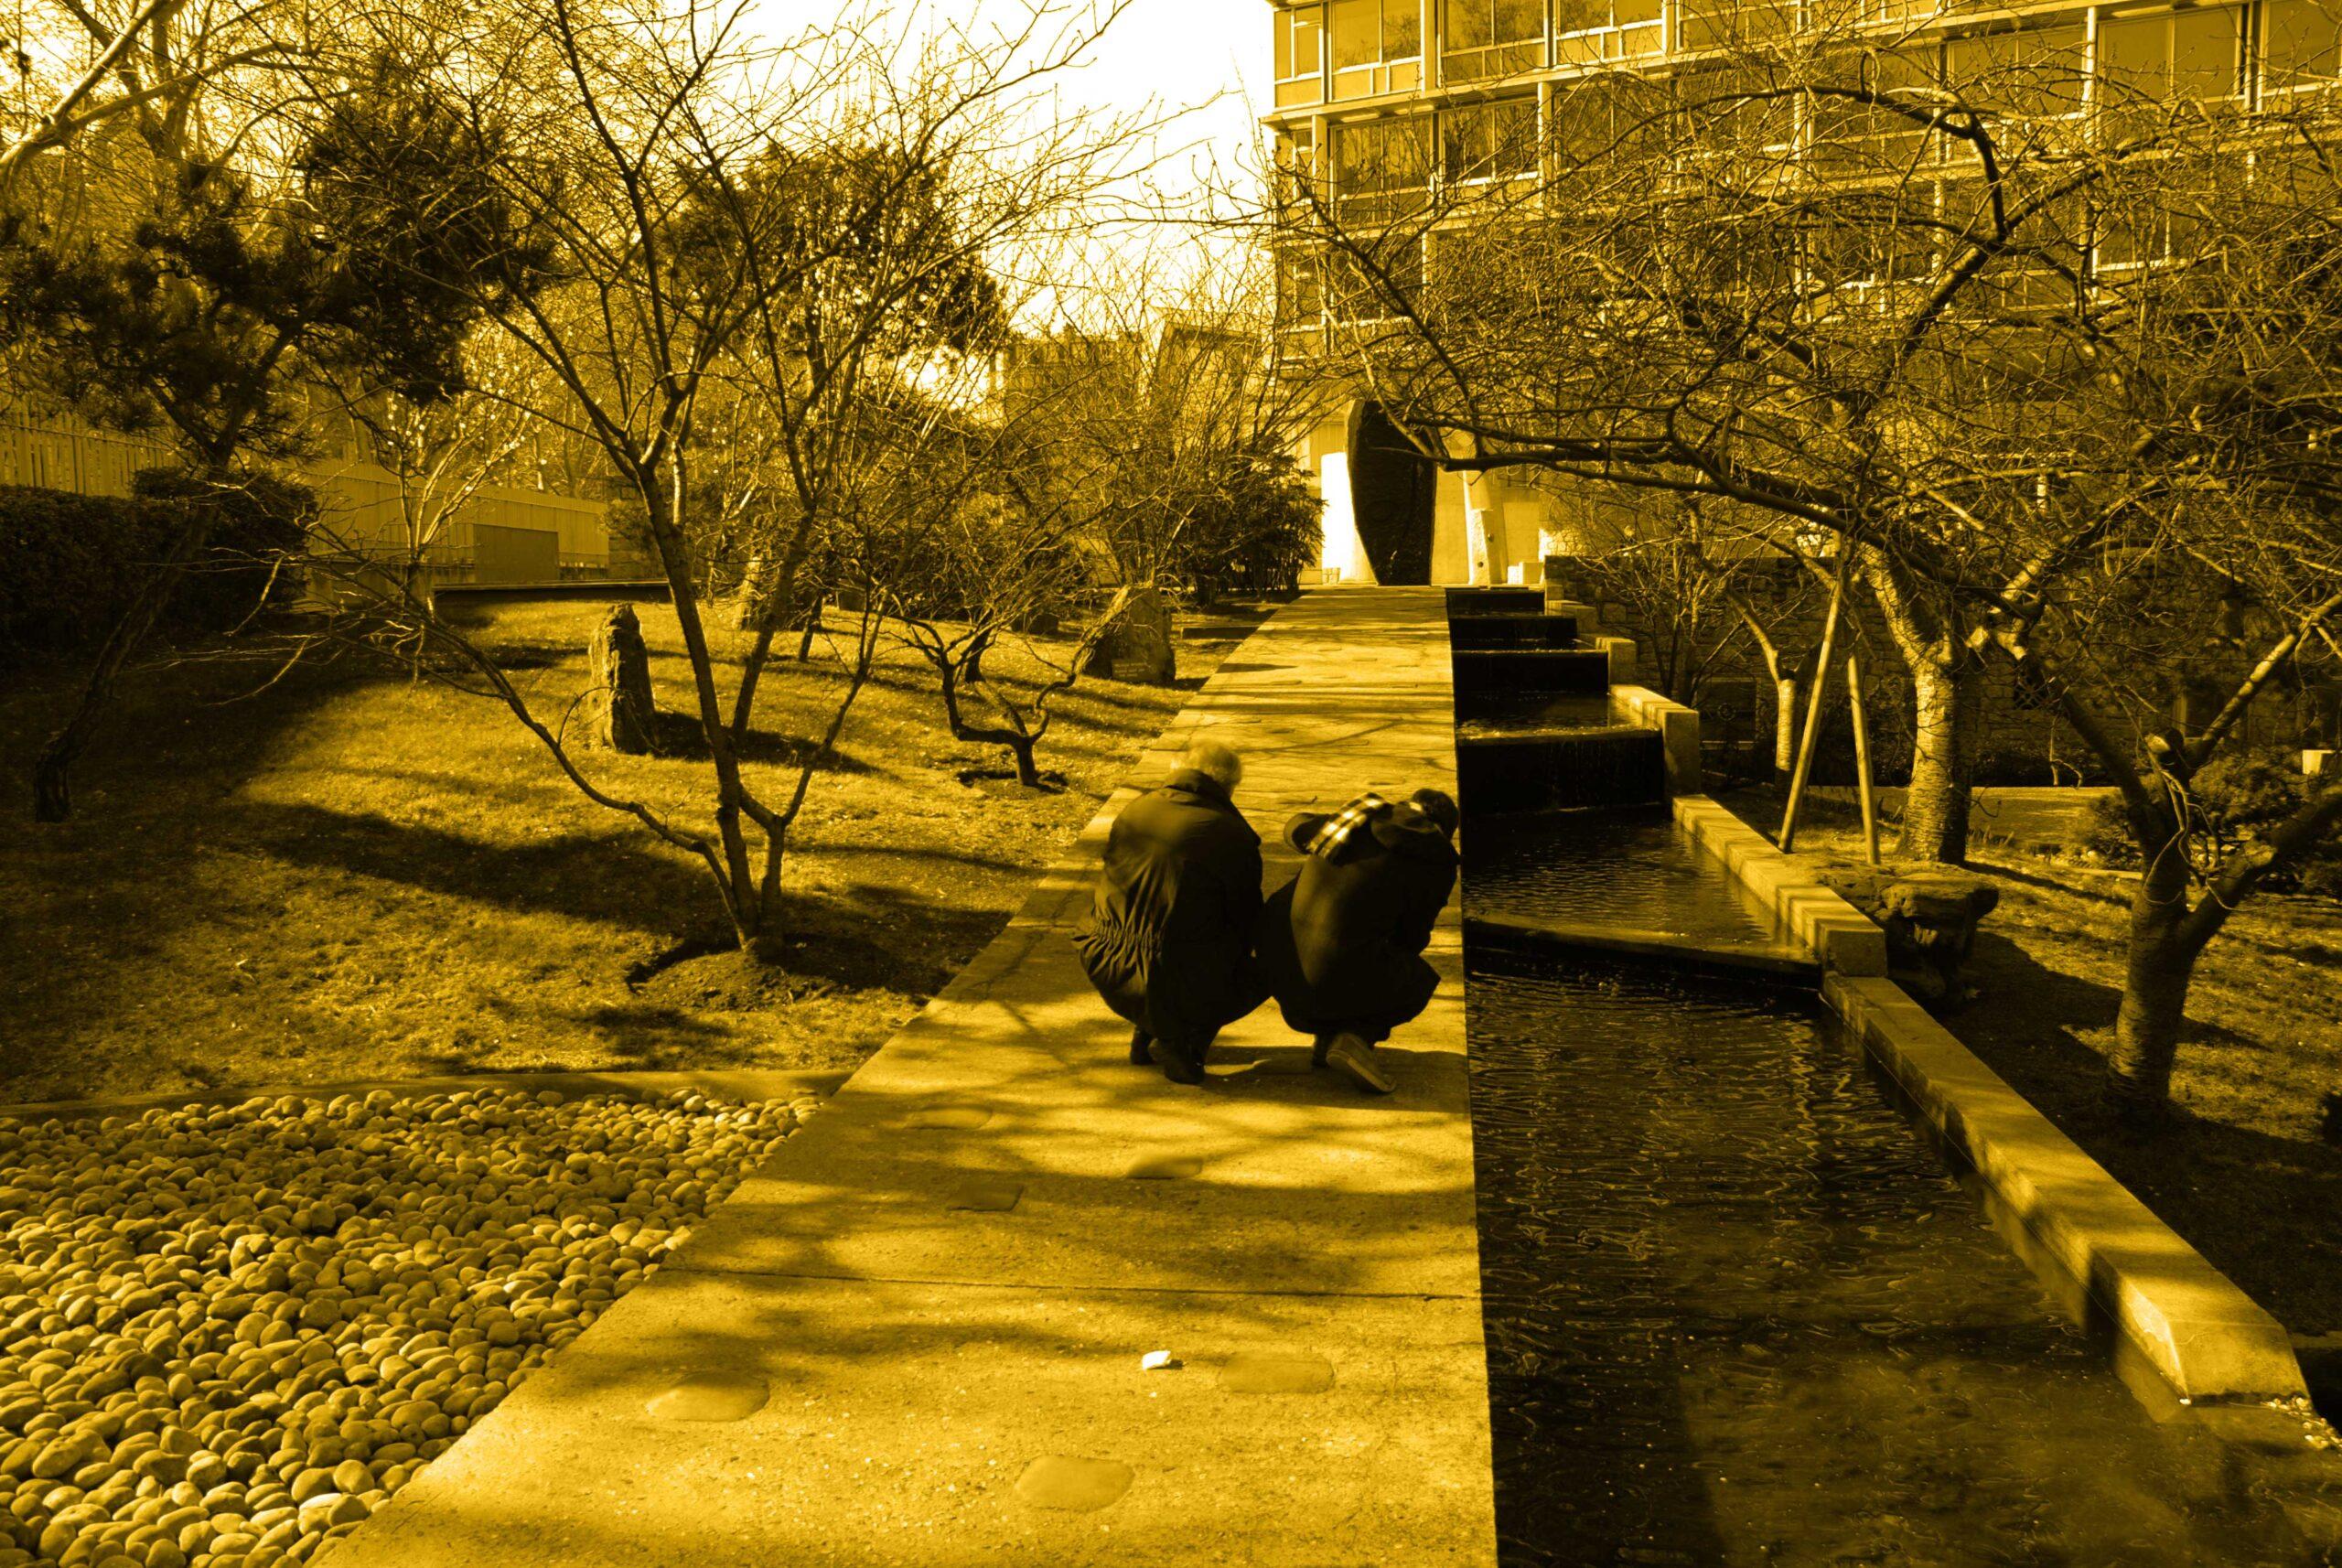 Imajen del paseo centra del jardin con la escultura al fondo